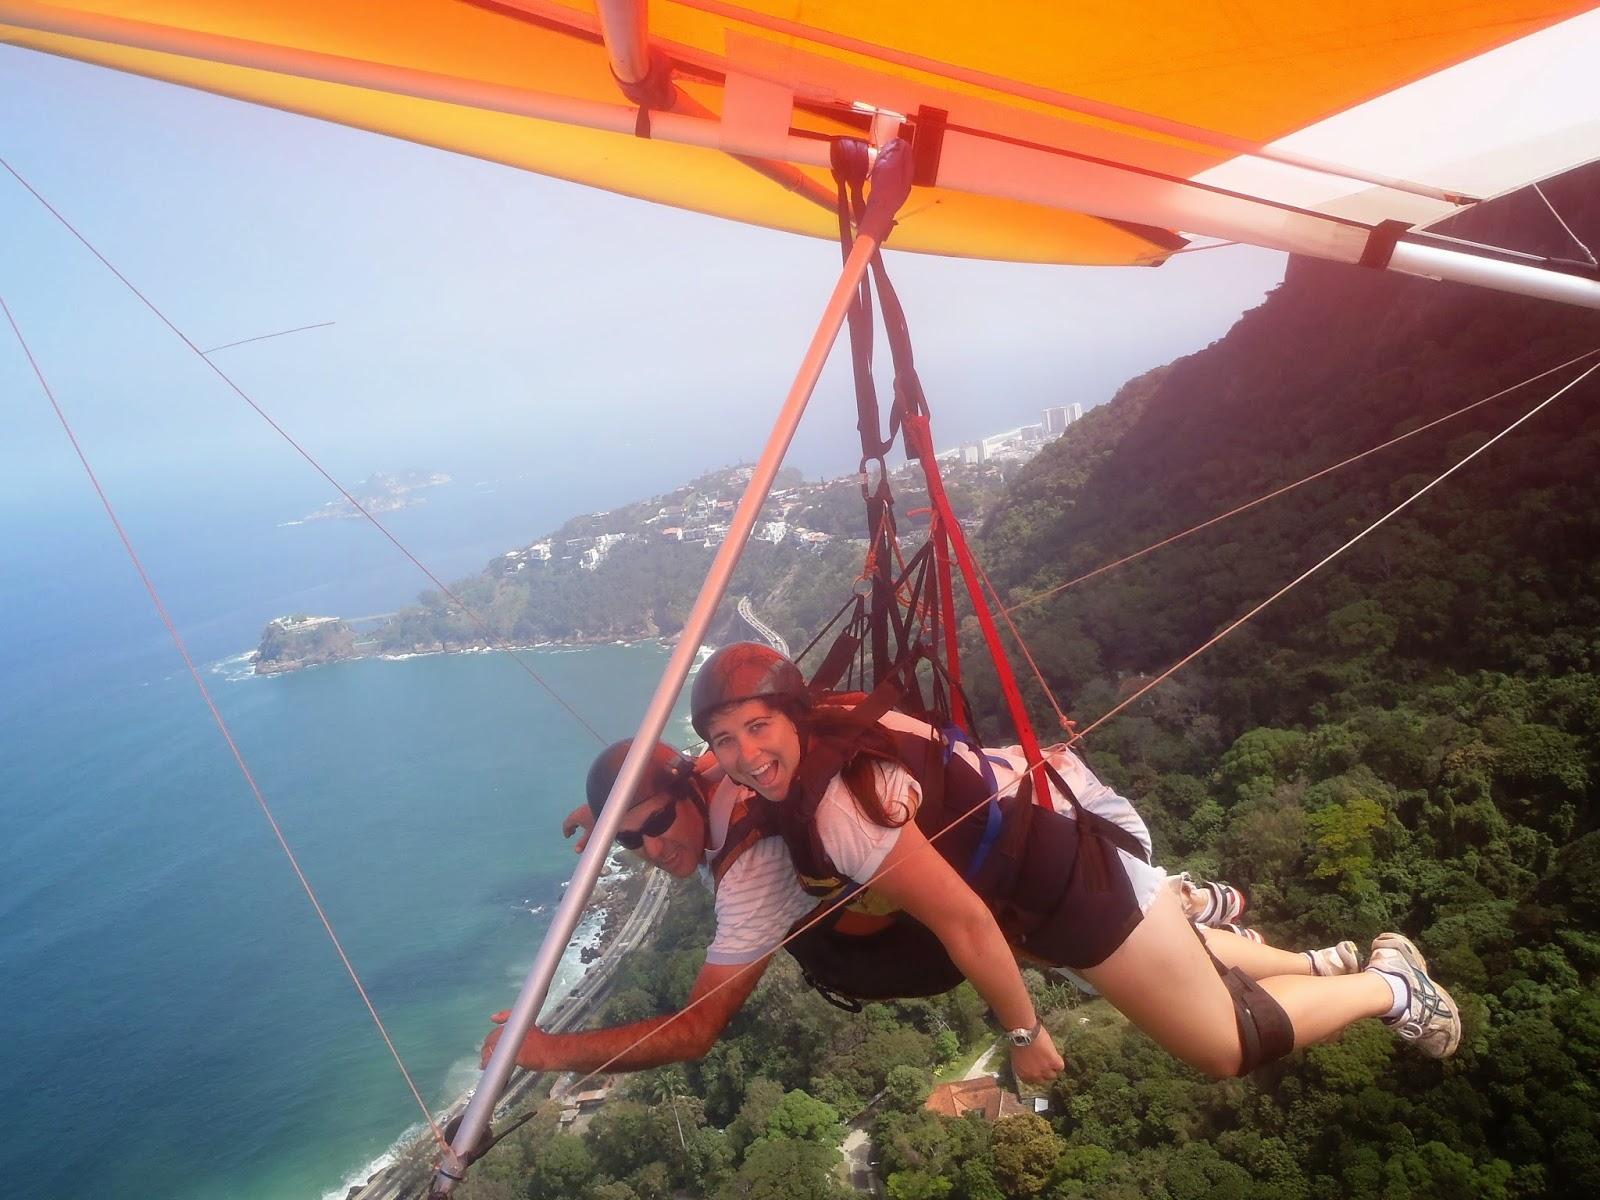 Hang Gliding over Rio de Janeiro beaches and forest